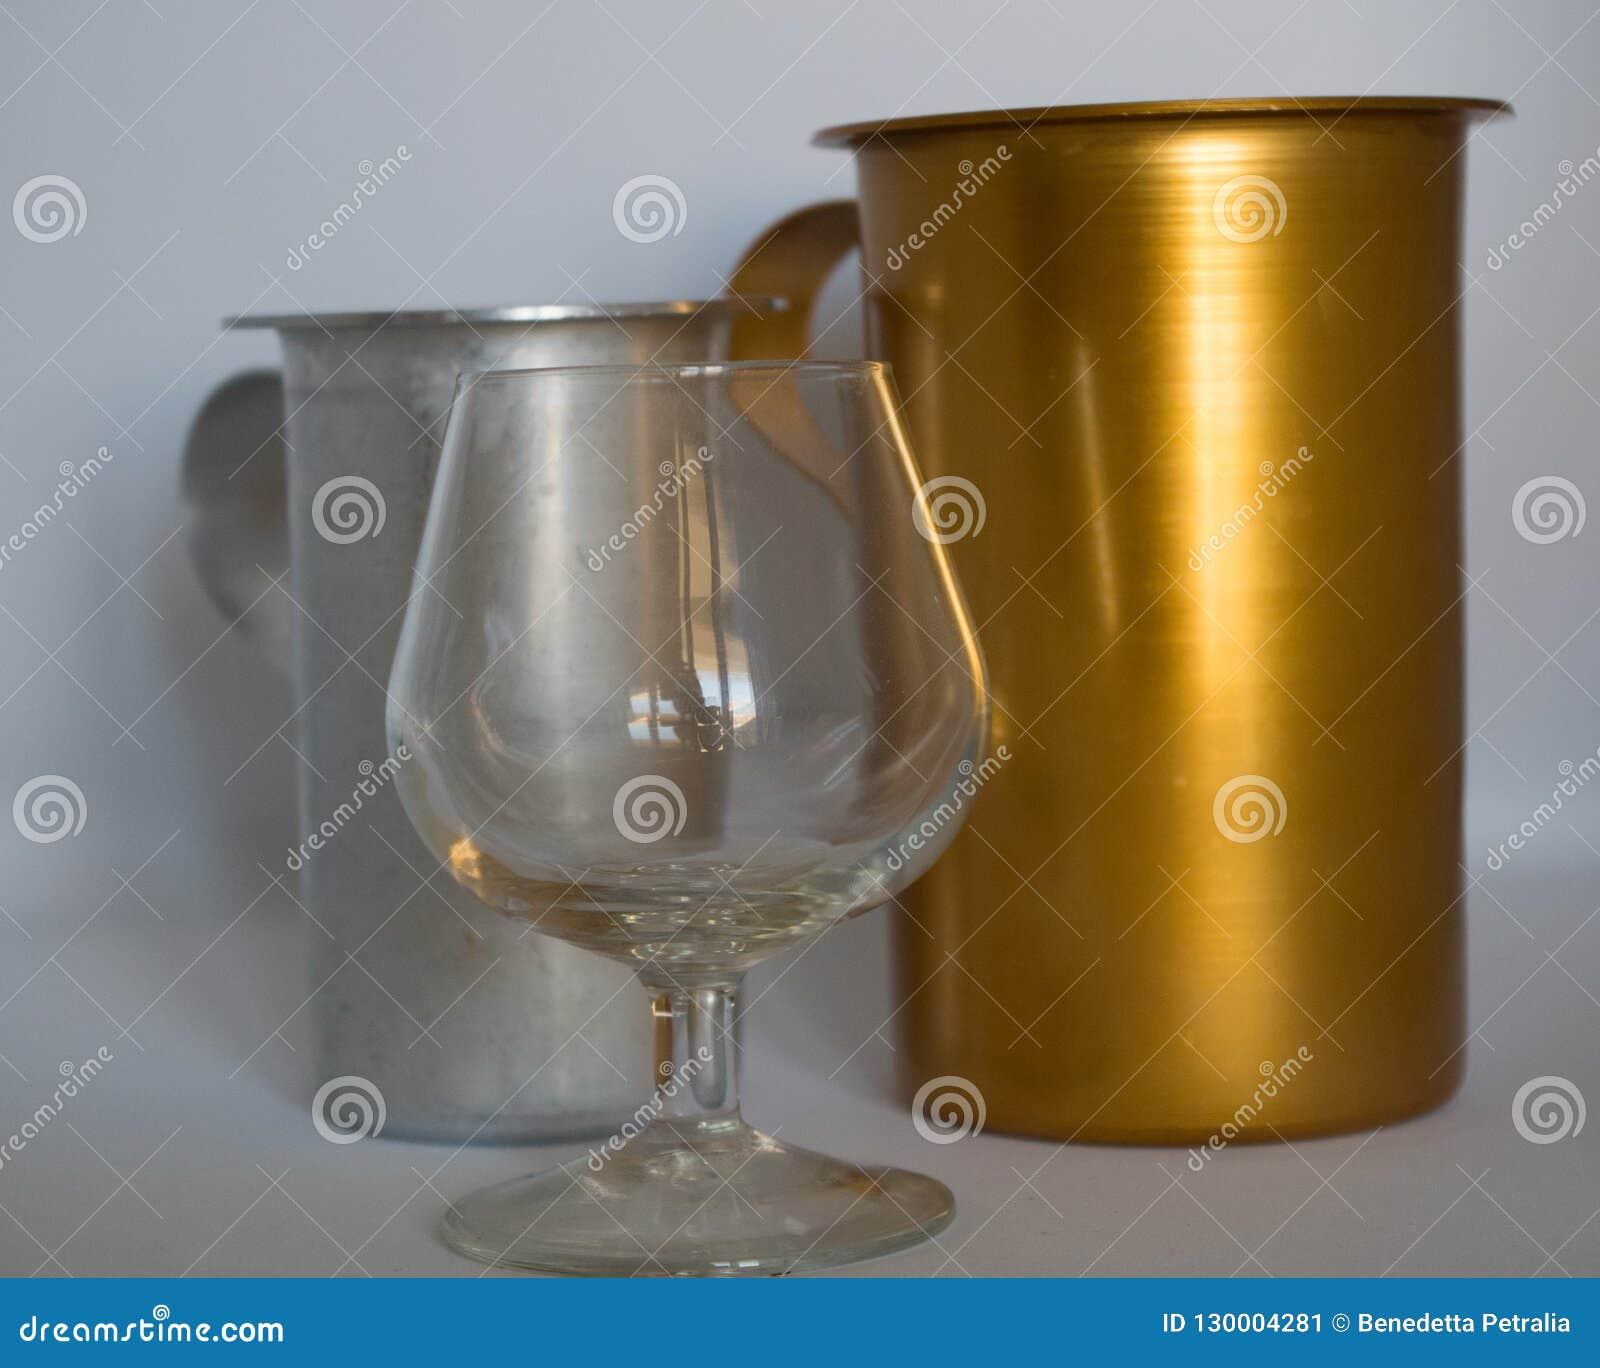 Lanciatore dorato ed argenteo con il vetro del cognac vuoto su fondo bianco